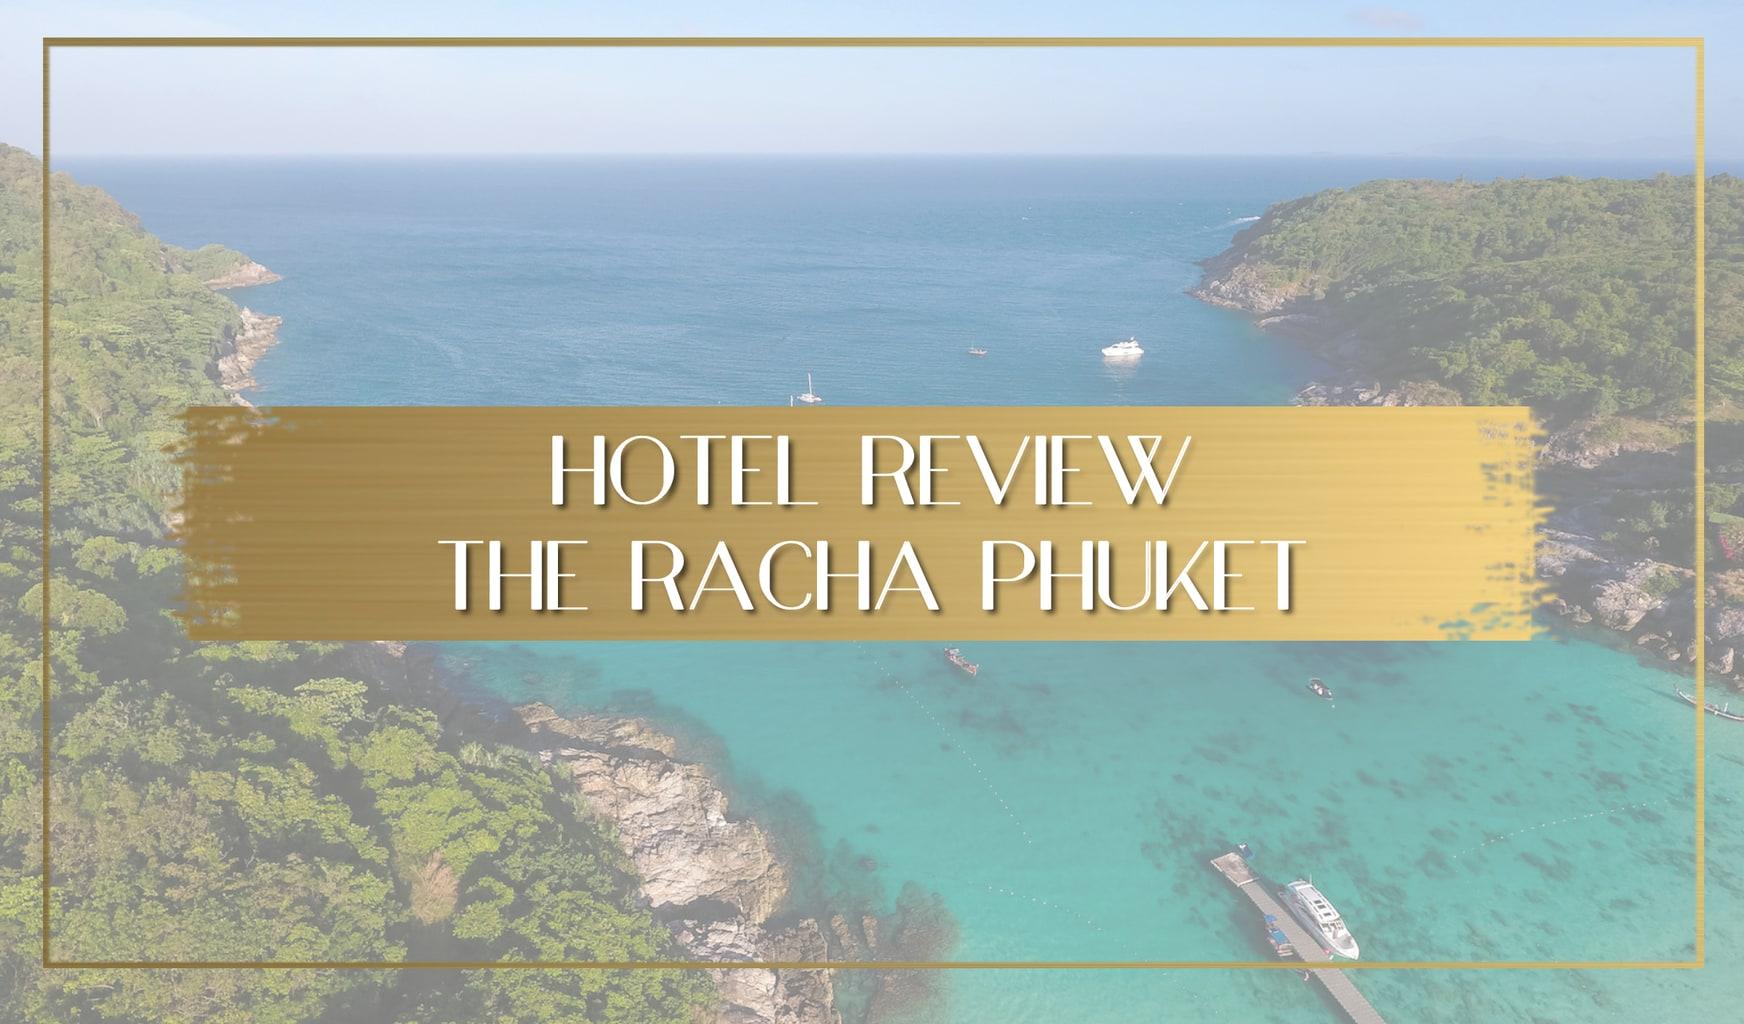 Review of the Racha Phuket main